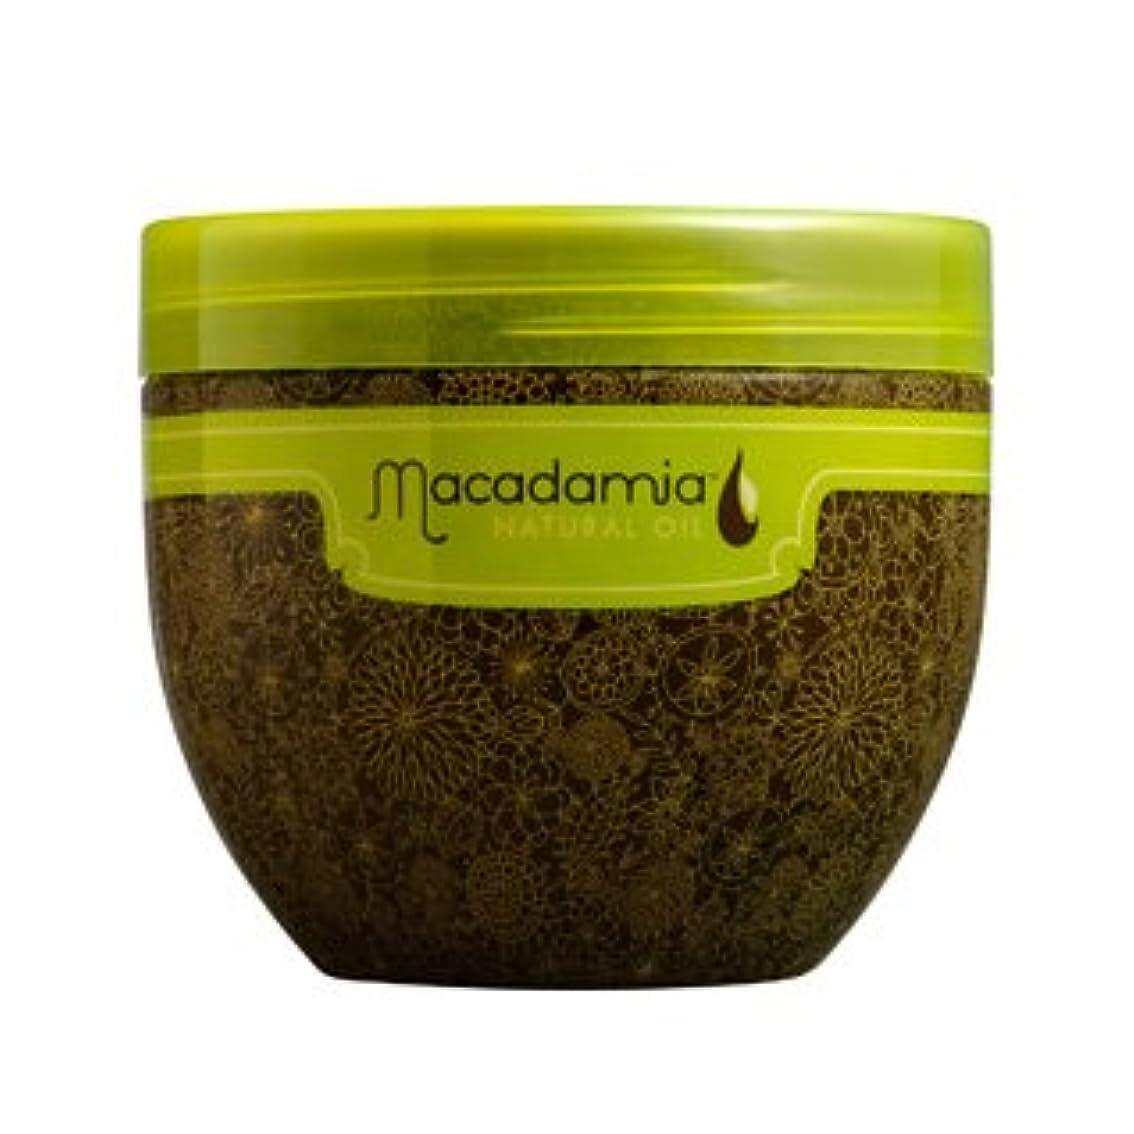 宇宙船ミキサー病気マカダミア ナチュラルオイル(Macadamia NATURAL OIL) MNOマスク[並行輸入品]